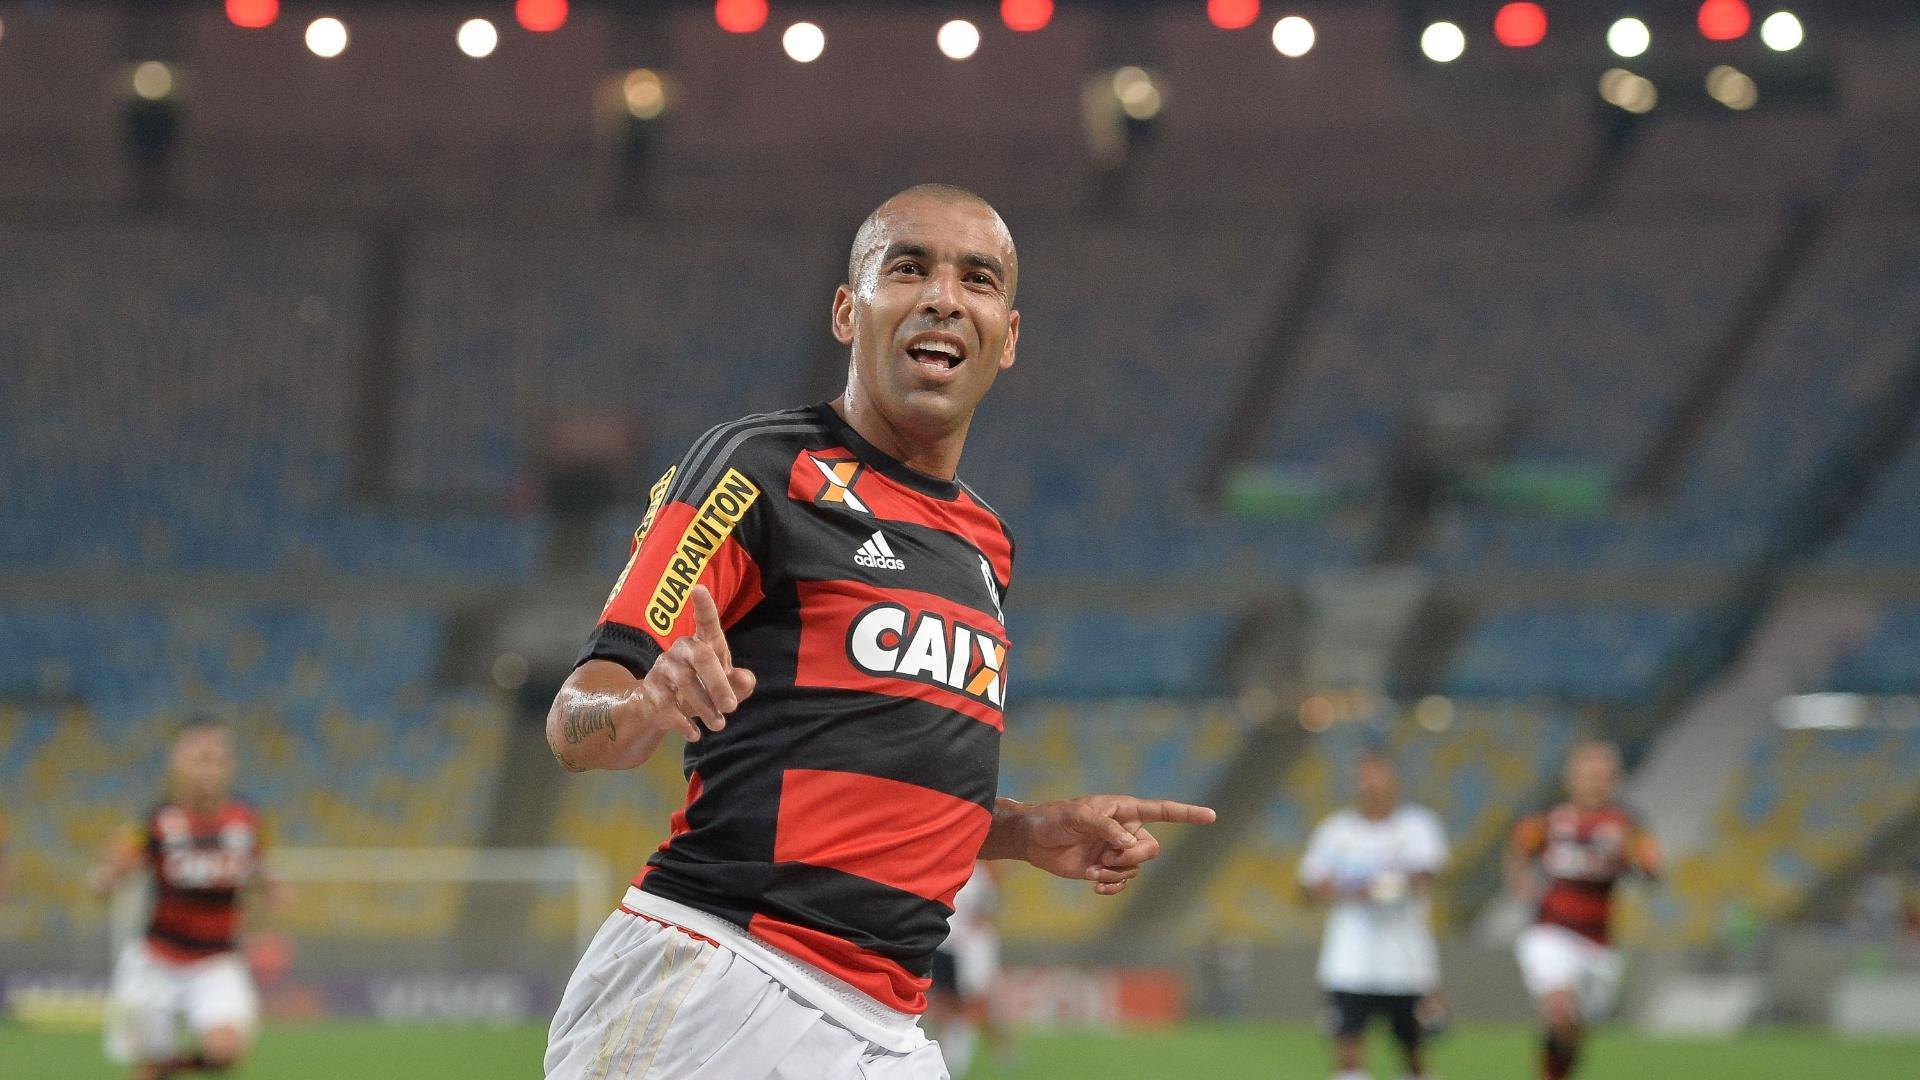 Emerson Sheik comemora o seu gol marcado contra o Atlético-PR, no Campeonato Brasileiro